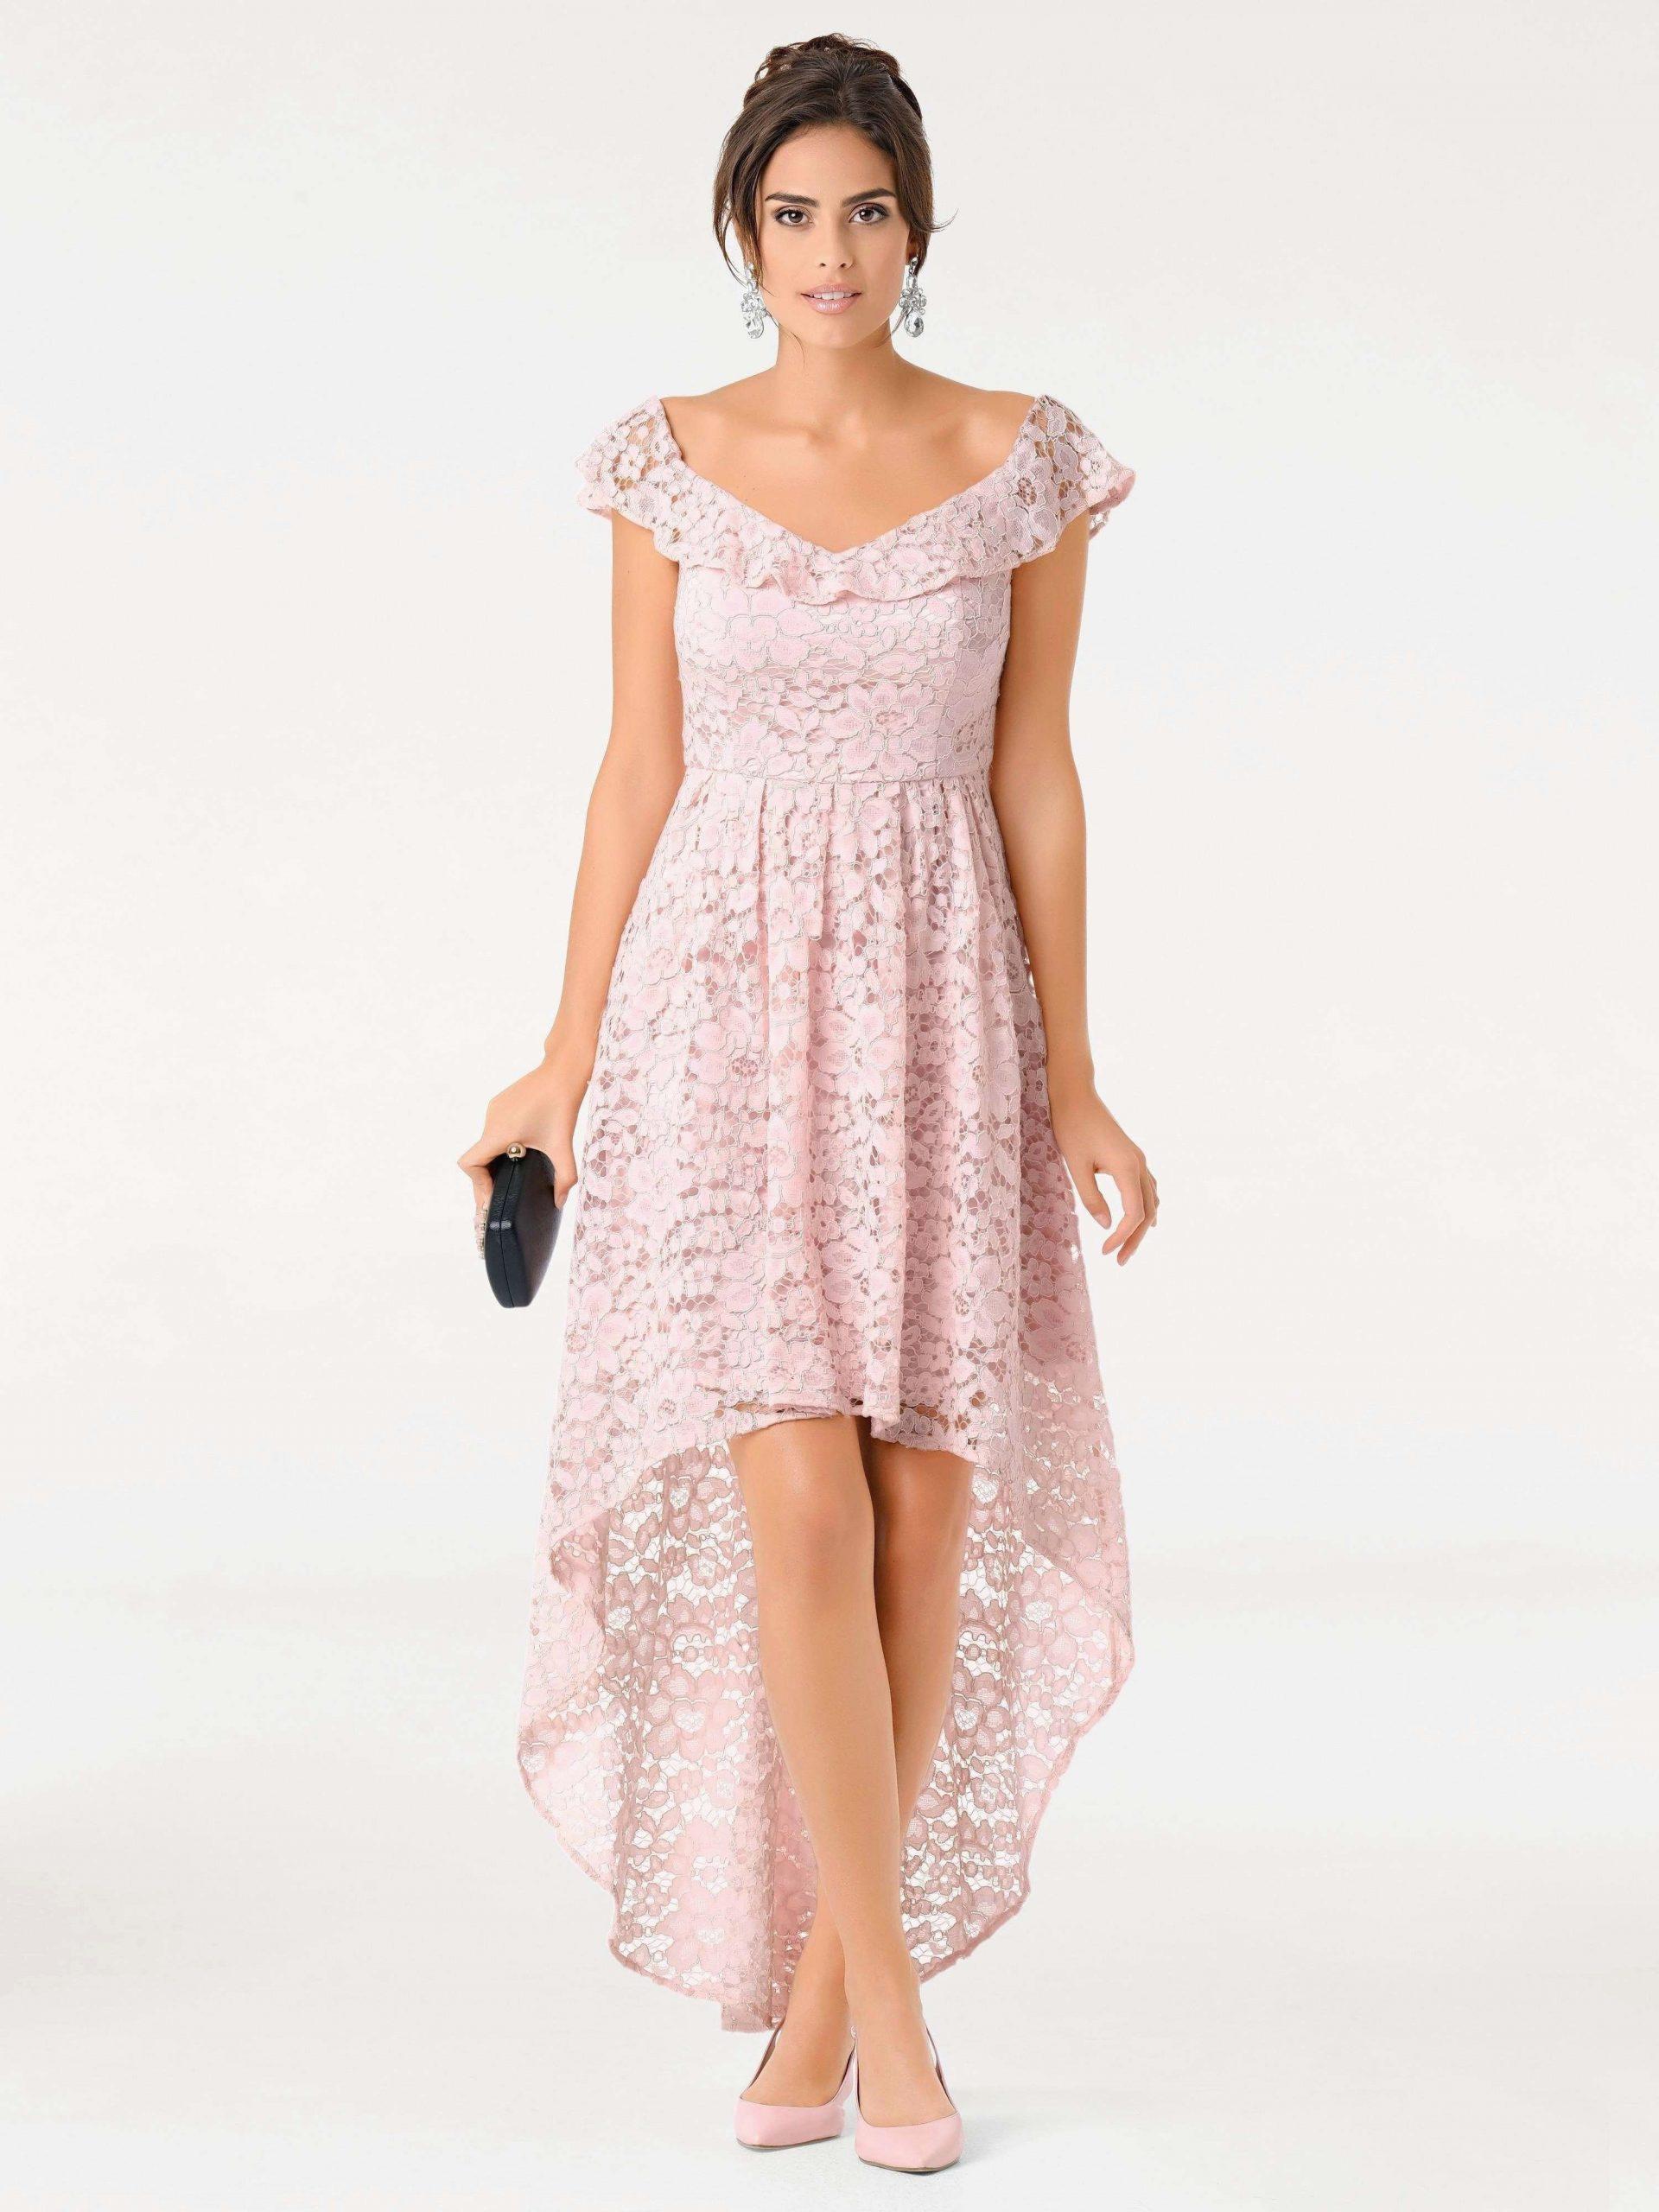 Abend Elegant Midi Kleider Hochzeitsgast Spezialgebiet15 Erstaunlich Midi Kleider Hochzeitsgast Stylish